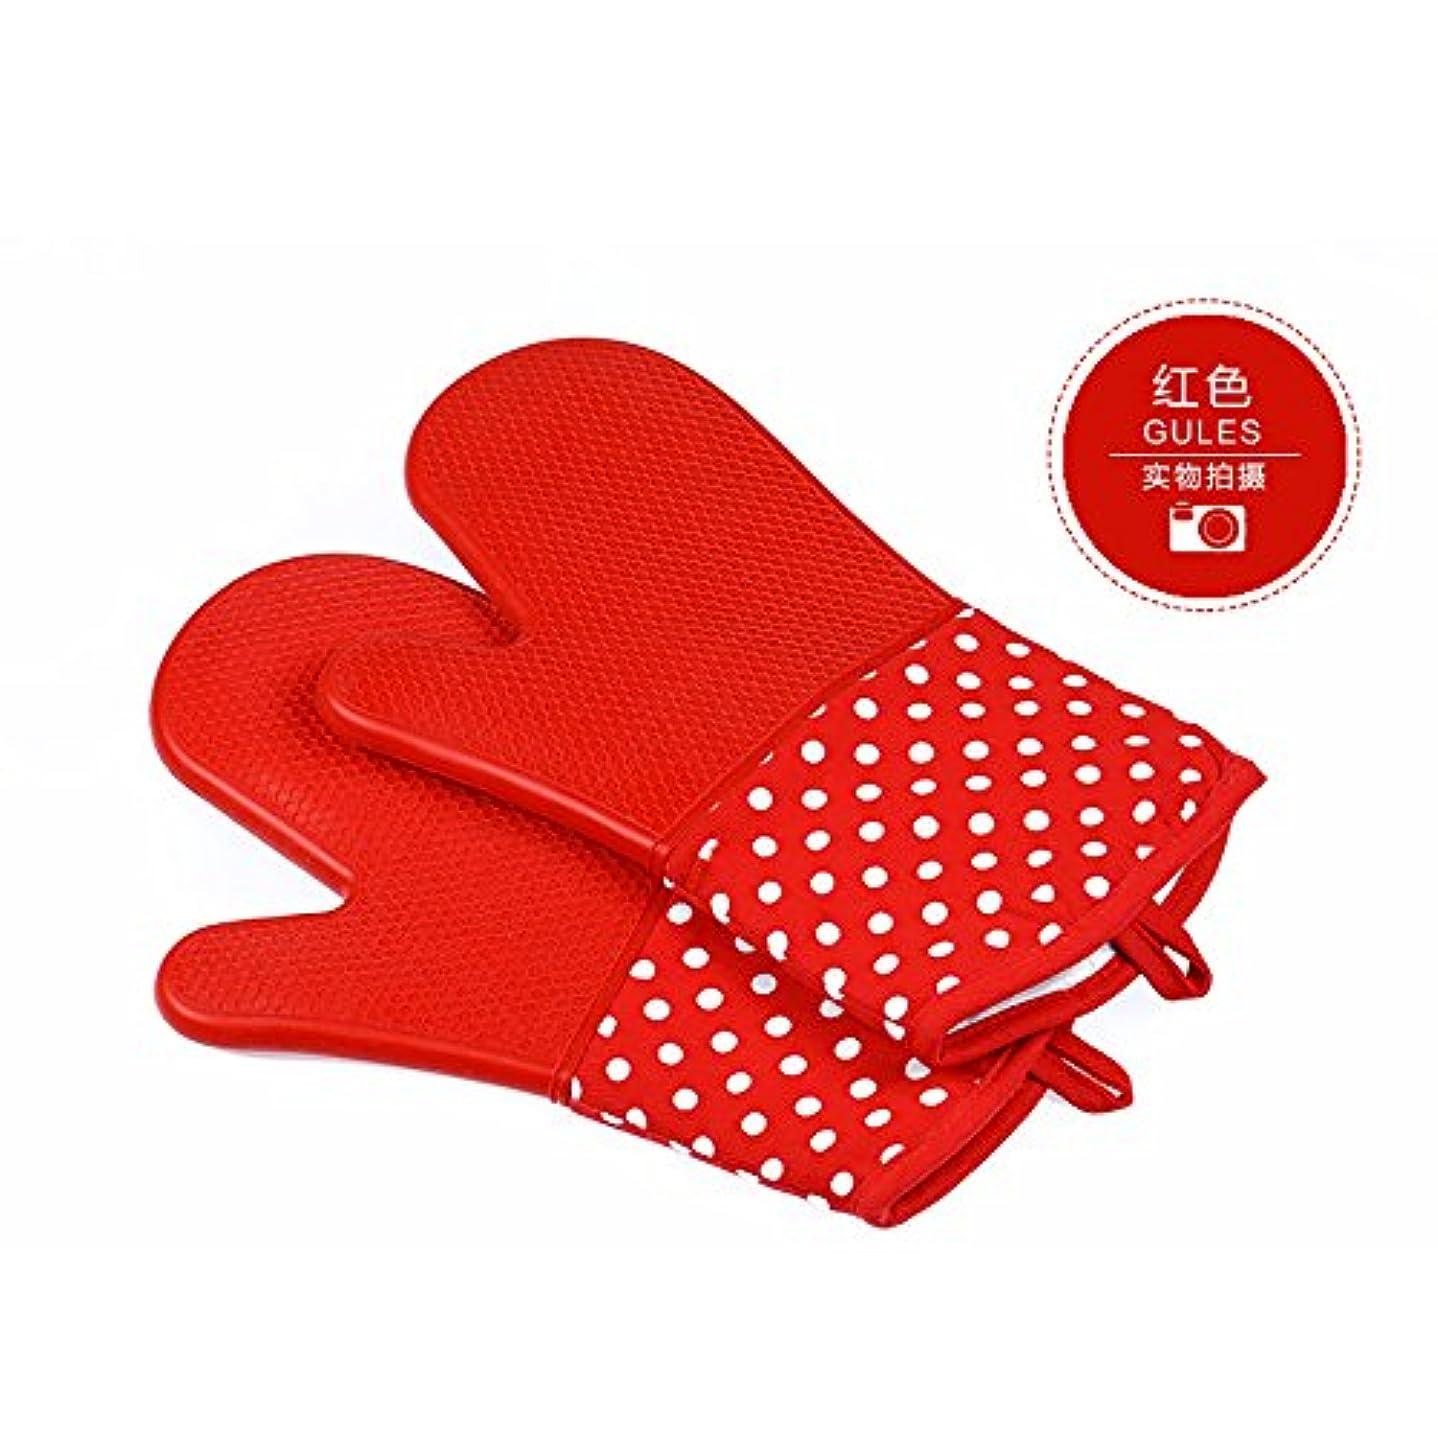 容疑者パスパイルJOOP【2個セット】【シリコンベーキング手袋】【バーベキュー手袋】【キッチン電子レンジの手袋】【オーブン断熱手袋】【300の加熱温度極値】【7色】 (レッド)